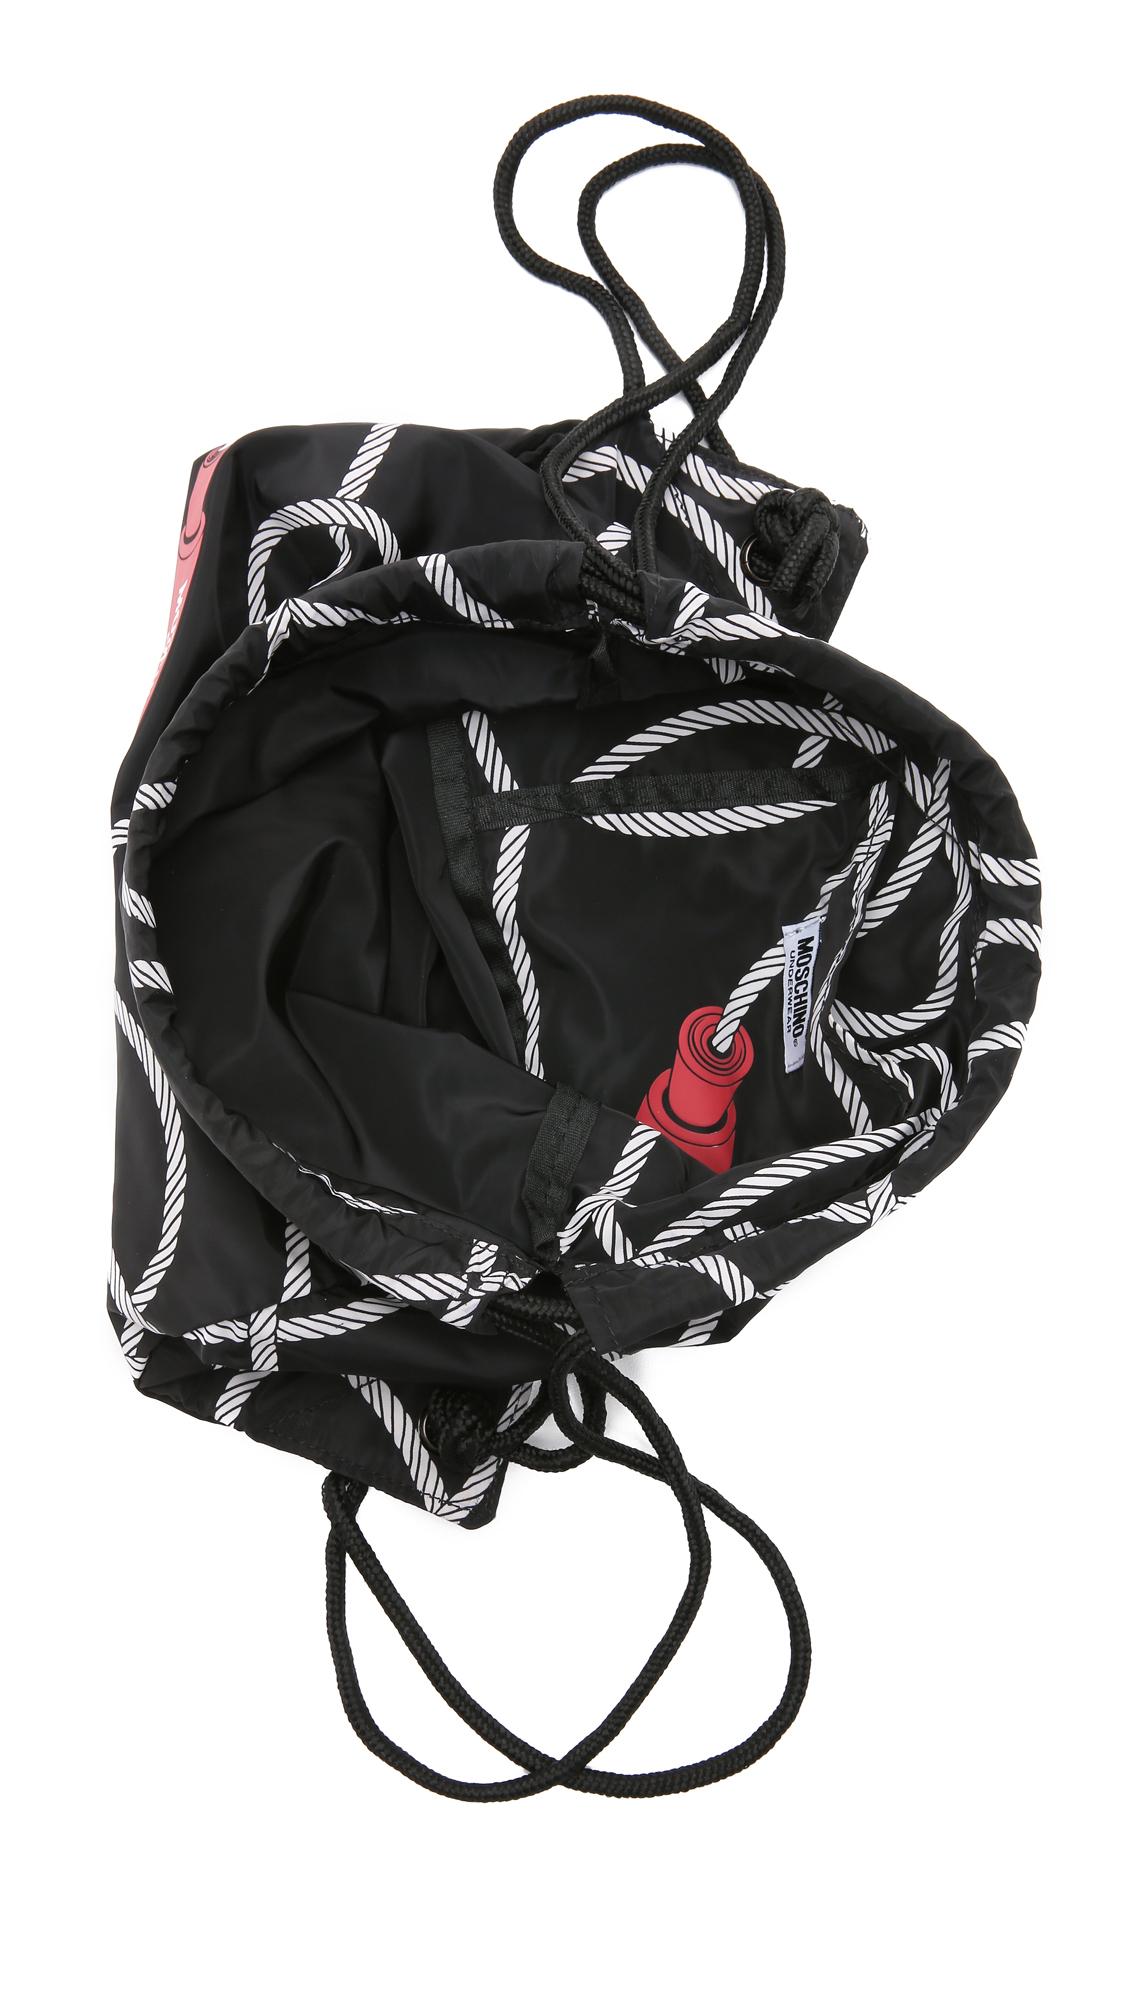 Lyst Moschino Gym Bag Black In Black